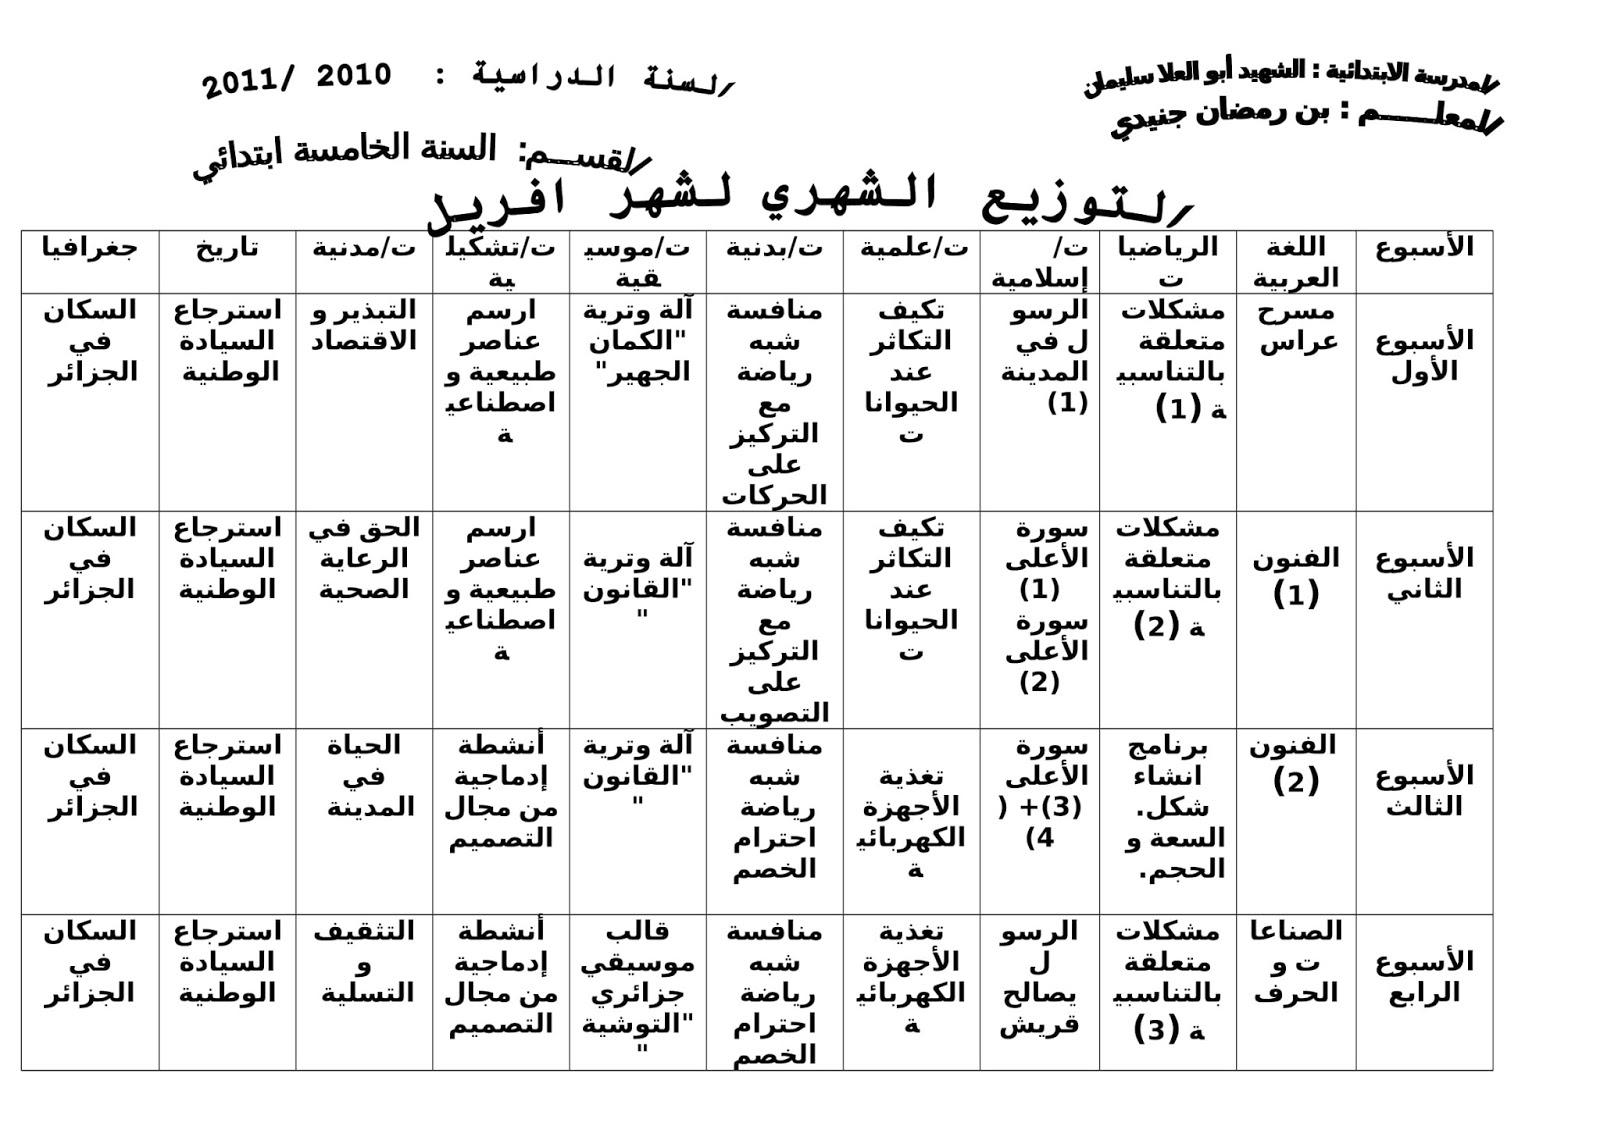 التوزيع الشهري لشهر افريل السنة الخامسة ابتدائي الجيل الثاني